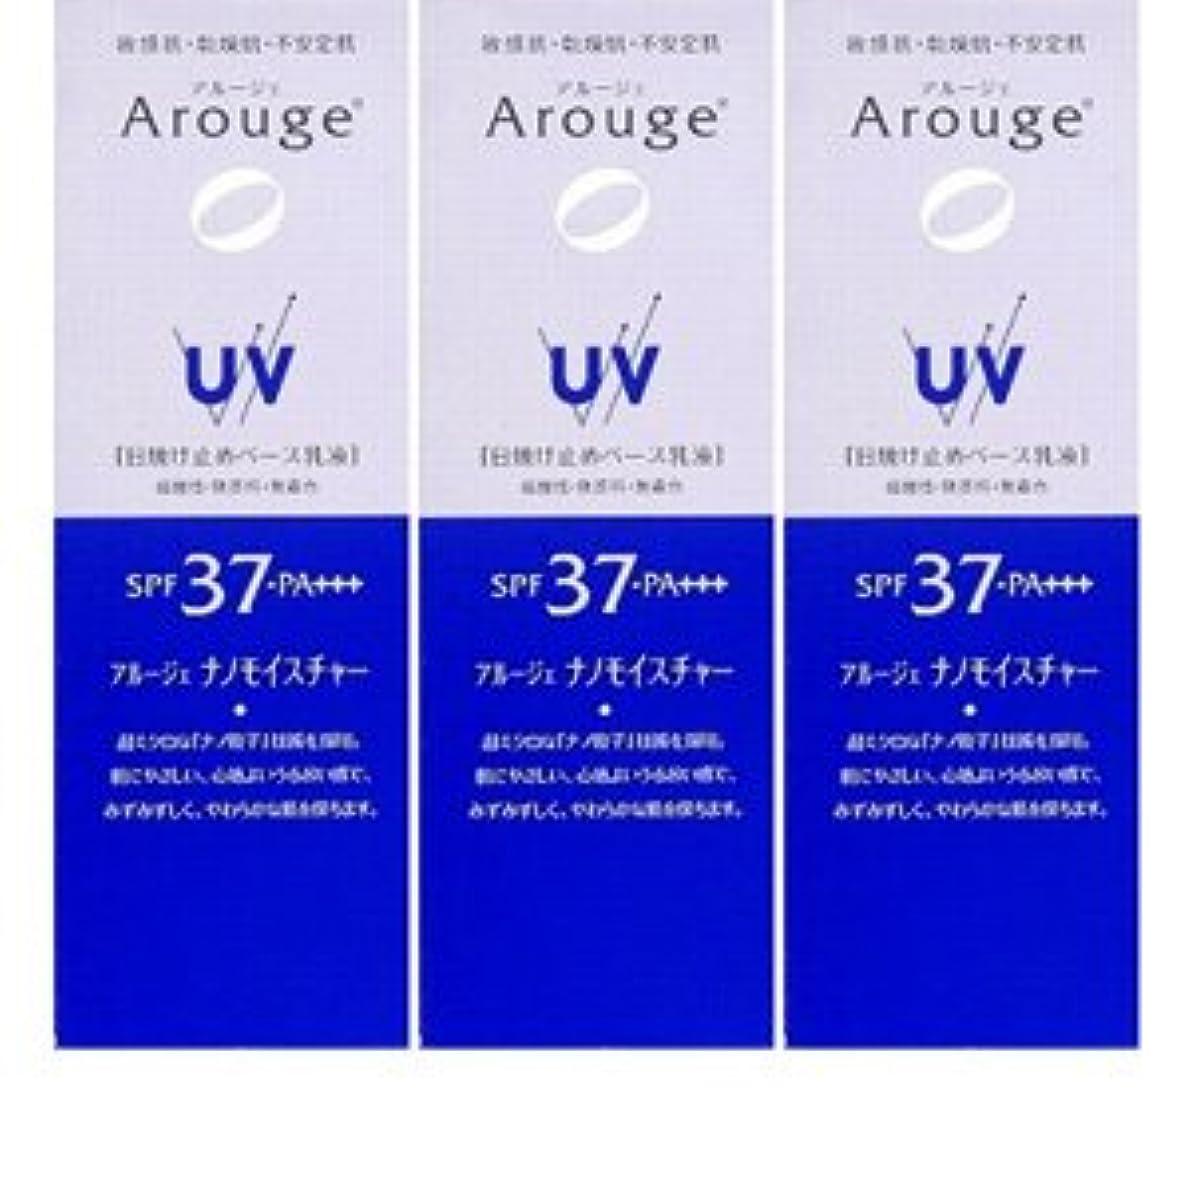 権限みすぼらしいはちみつ【3個】アルージェ UVプロテクトビューティーアップ 25gx3個(4987305952912)